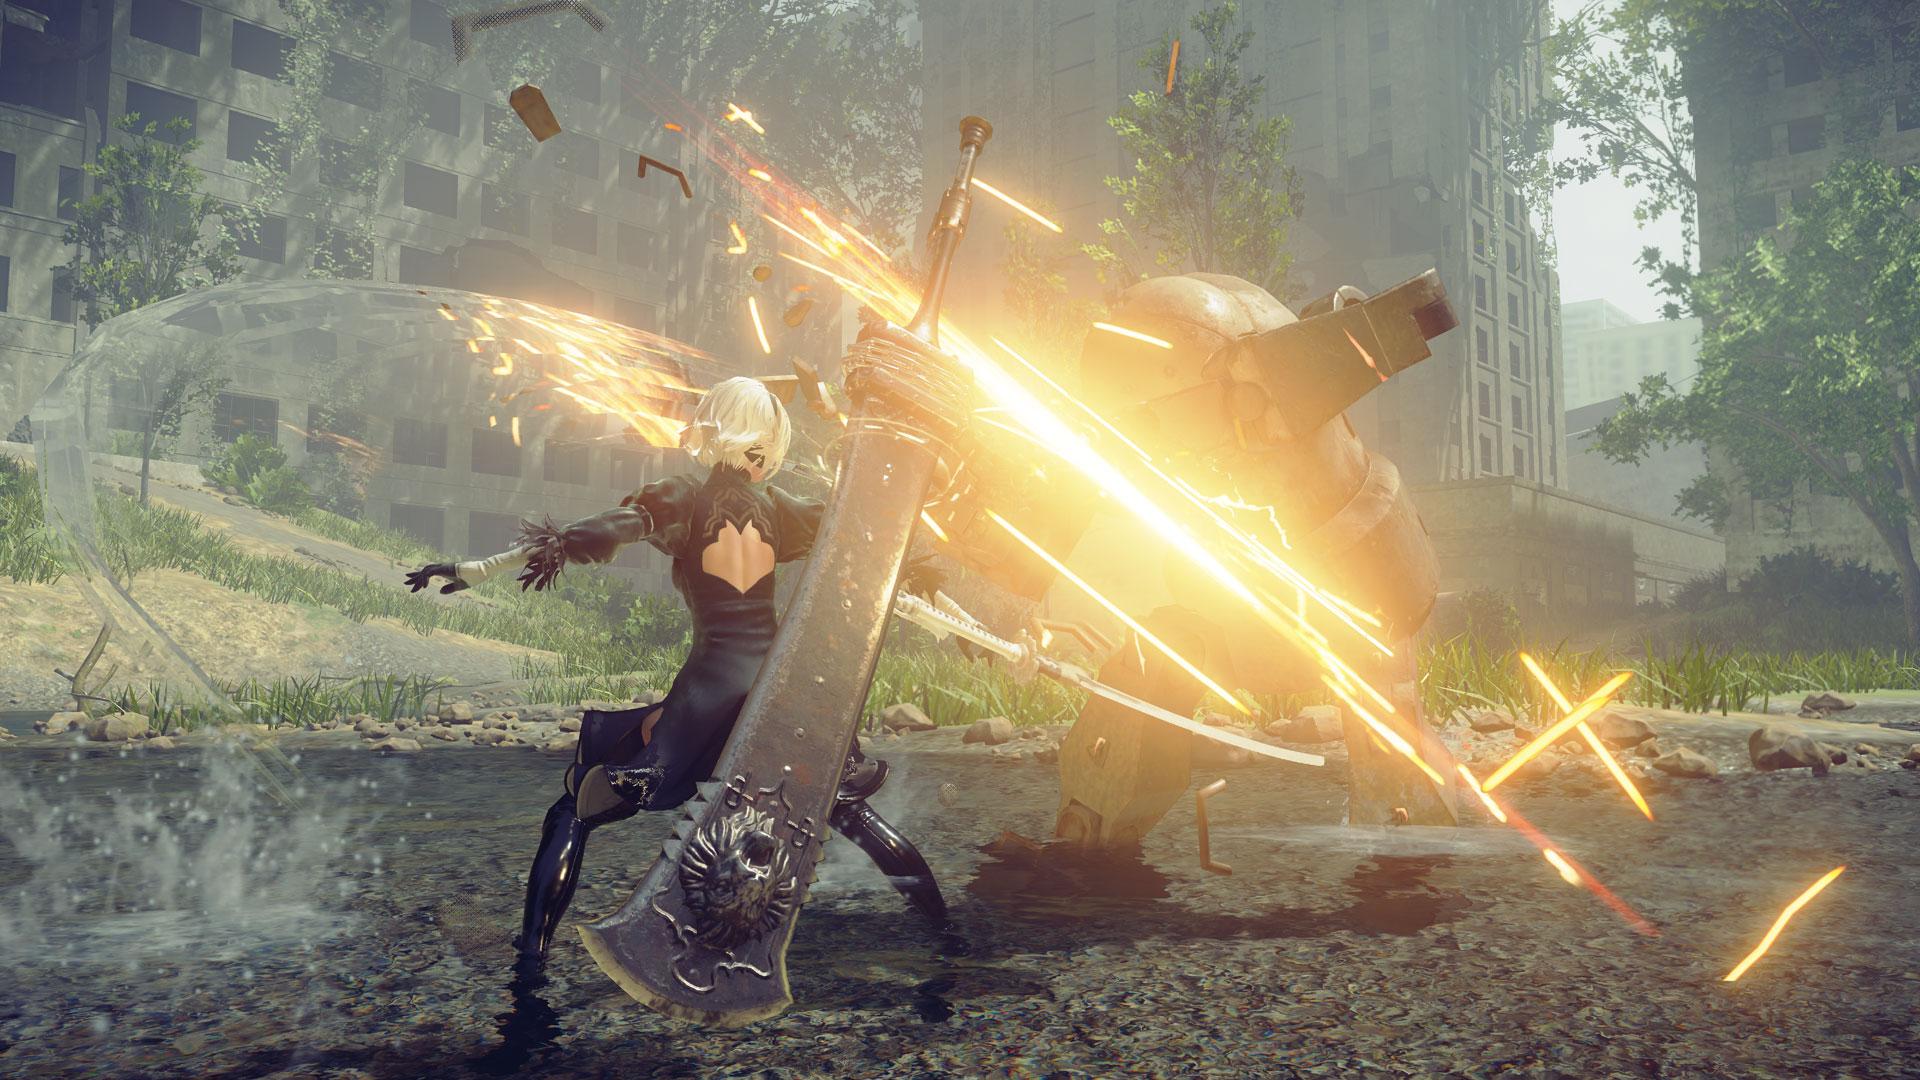 (한글)니어 오토마타(Nier Automata) 전투기계 액션 스타일리쉬 미래